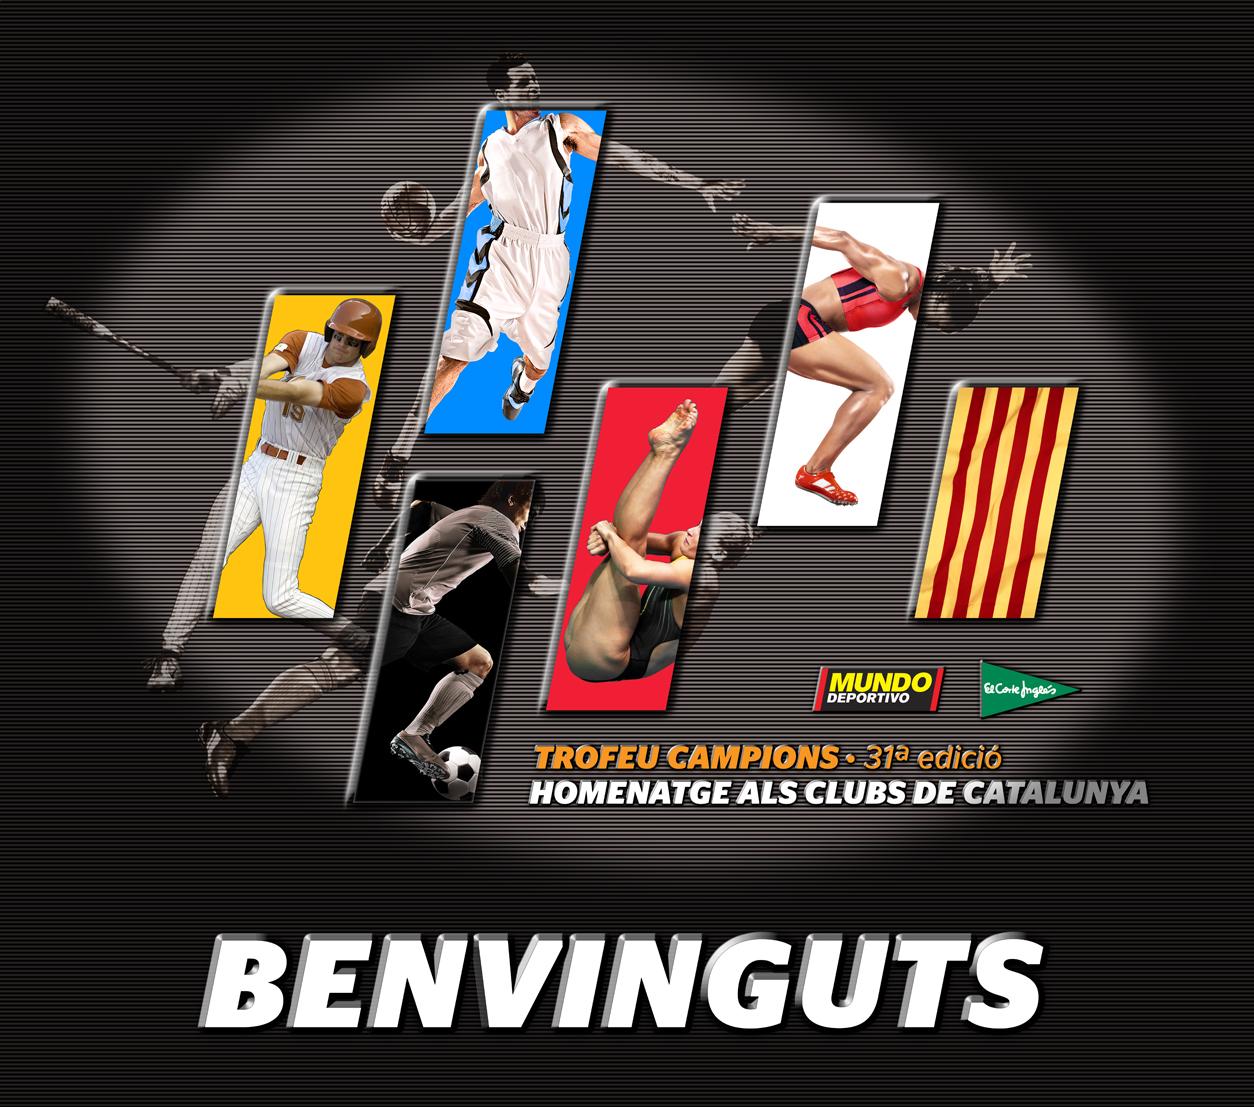 Trofeu Campions 2012-2018